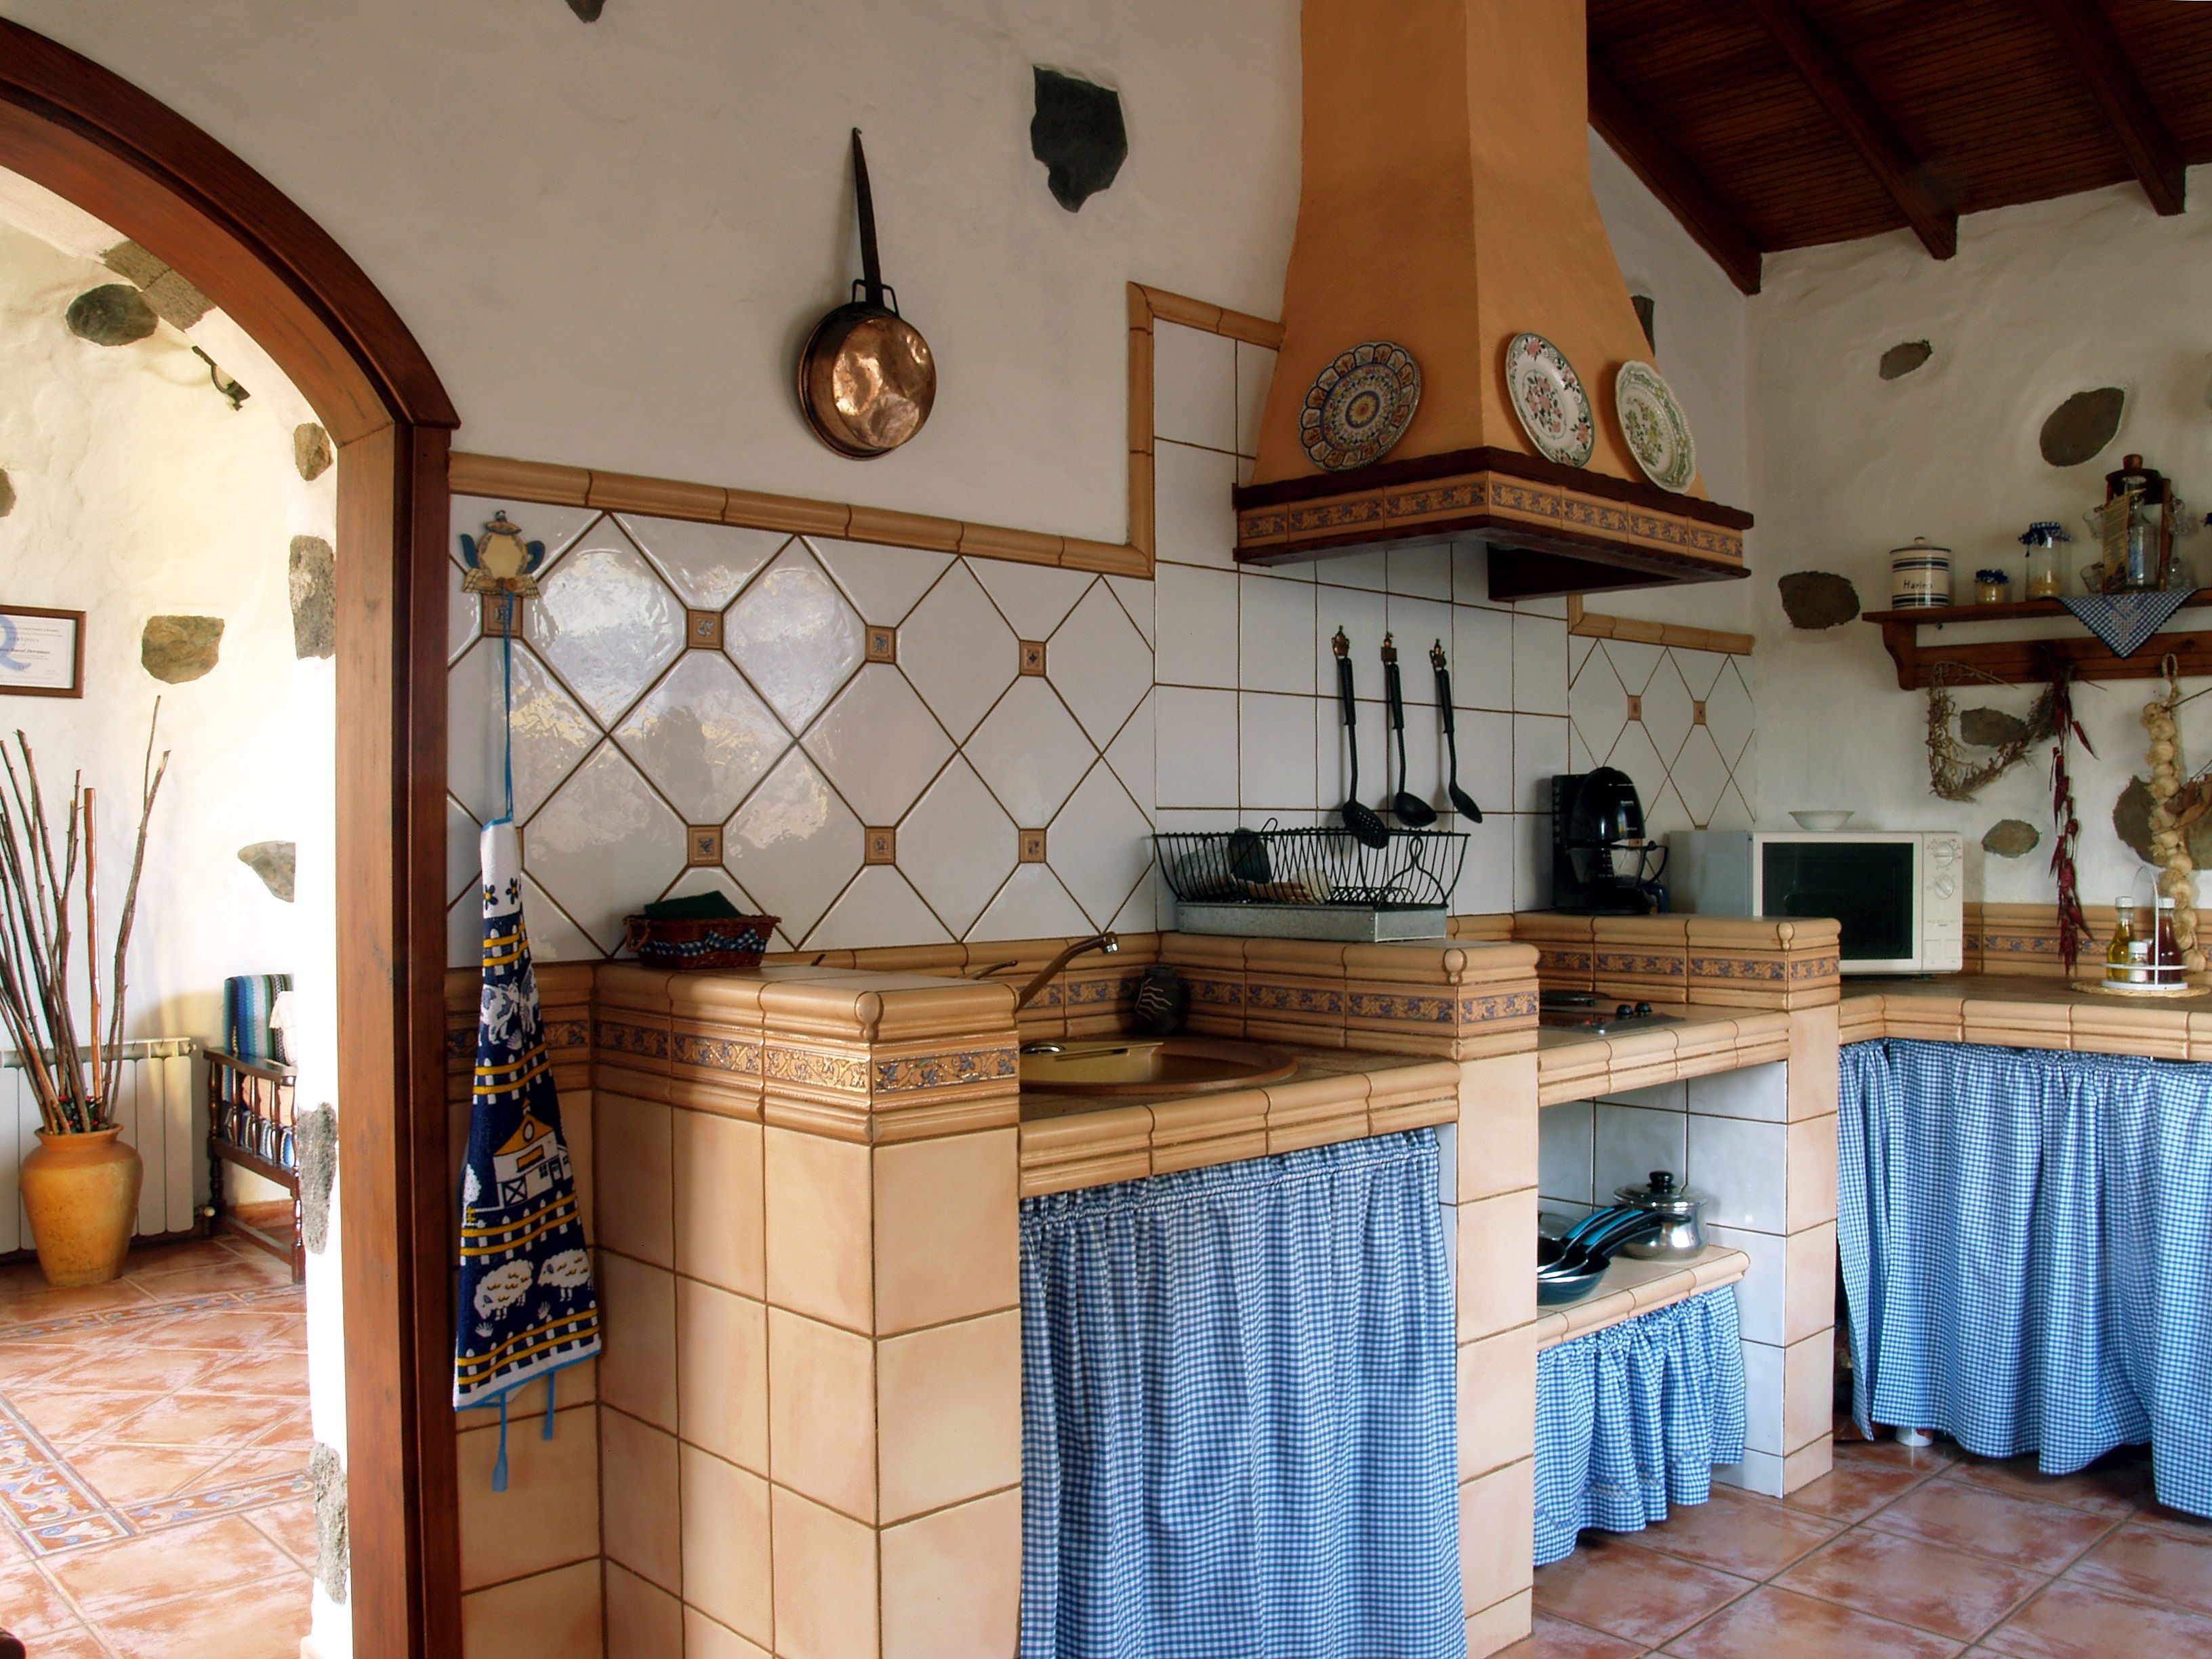 Cocina casa rural doramas pinterest cocinas cocinas - Cocinas antiguas rusticas ...